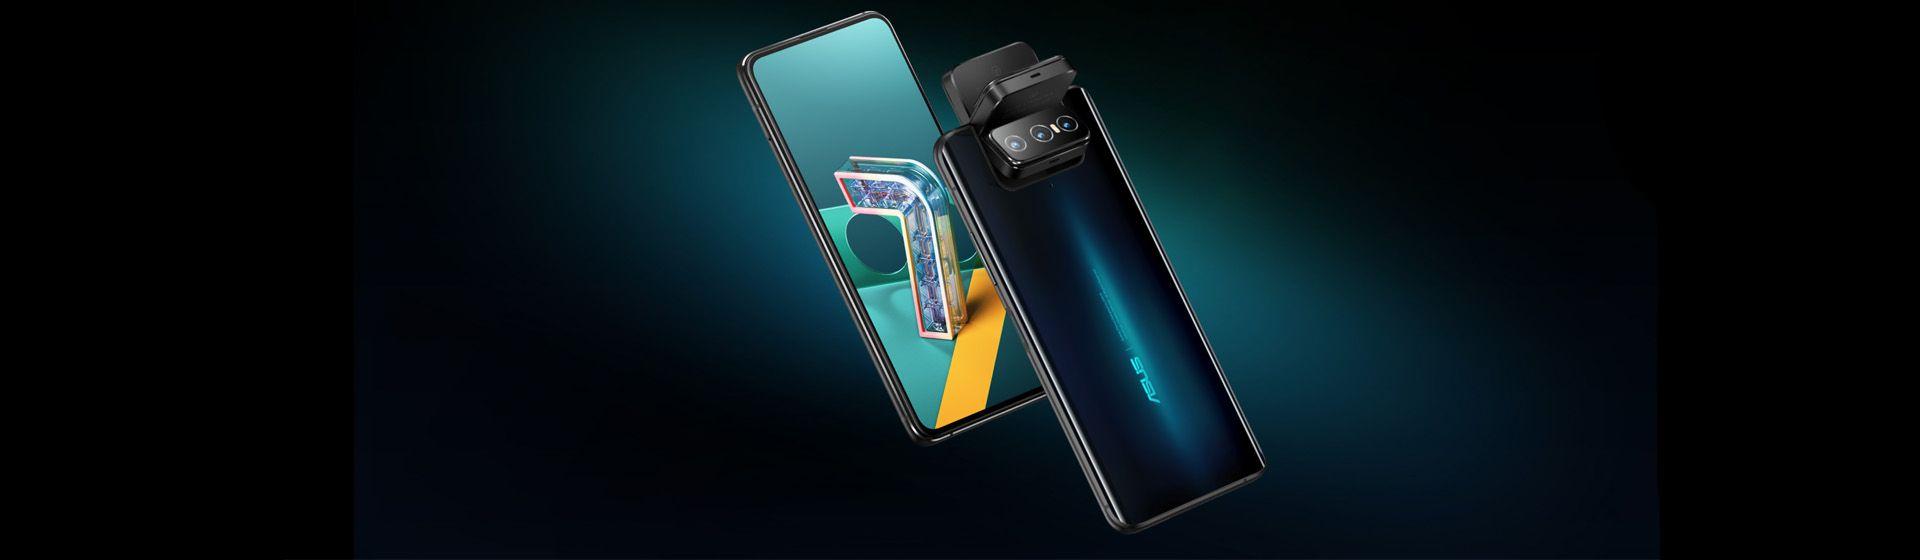 """Zenfone 7: ficha técnica do celular da Asus com câmera """"giratória"""""""